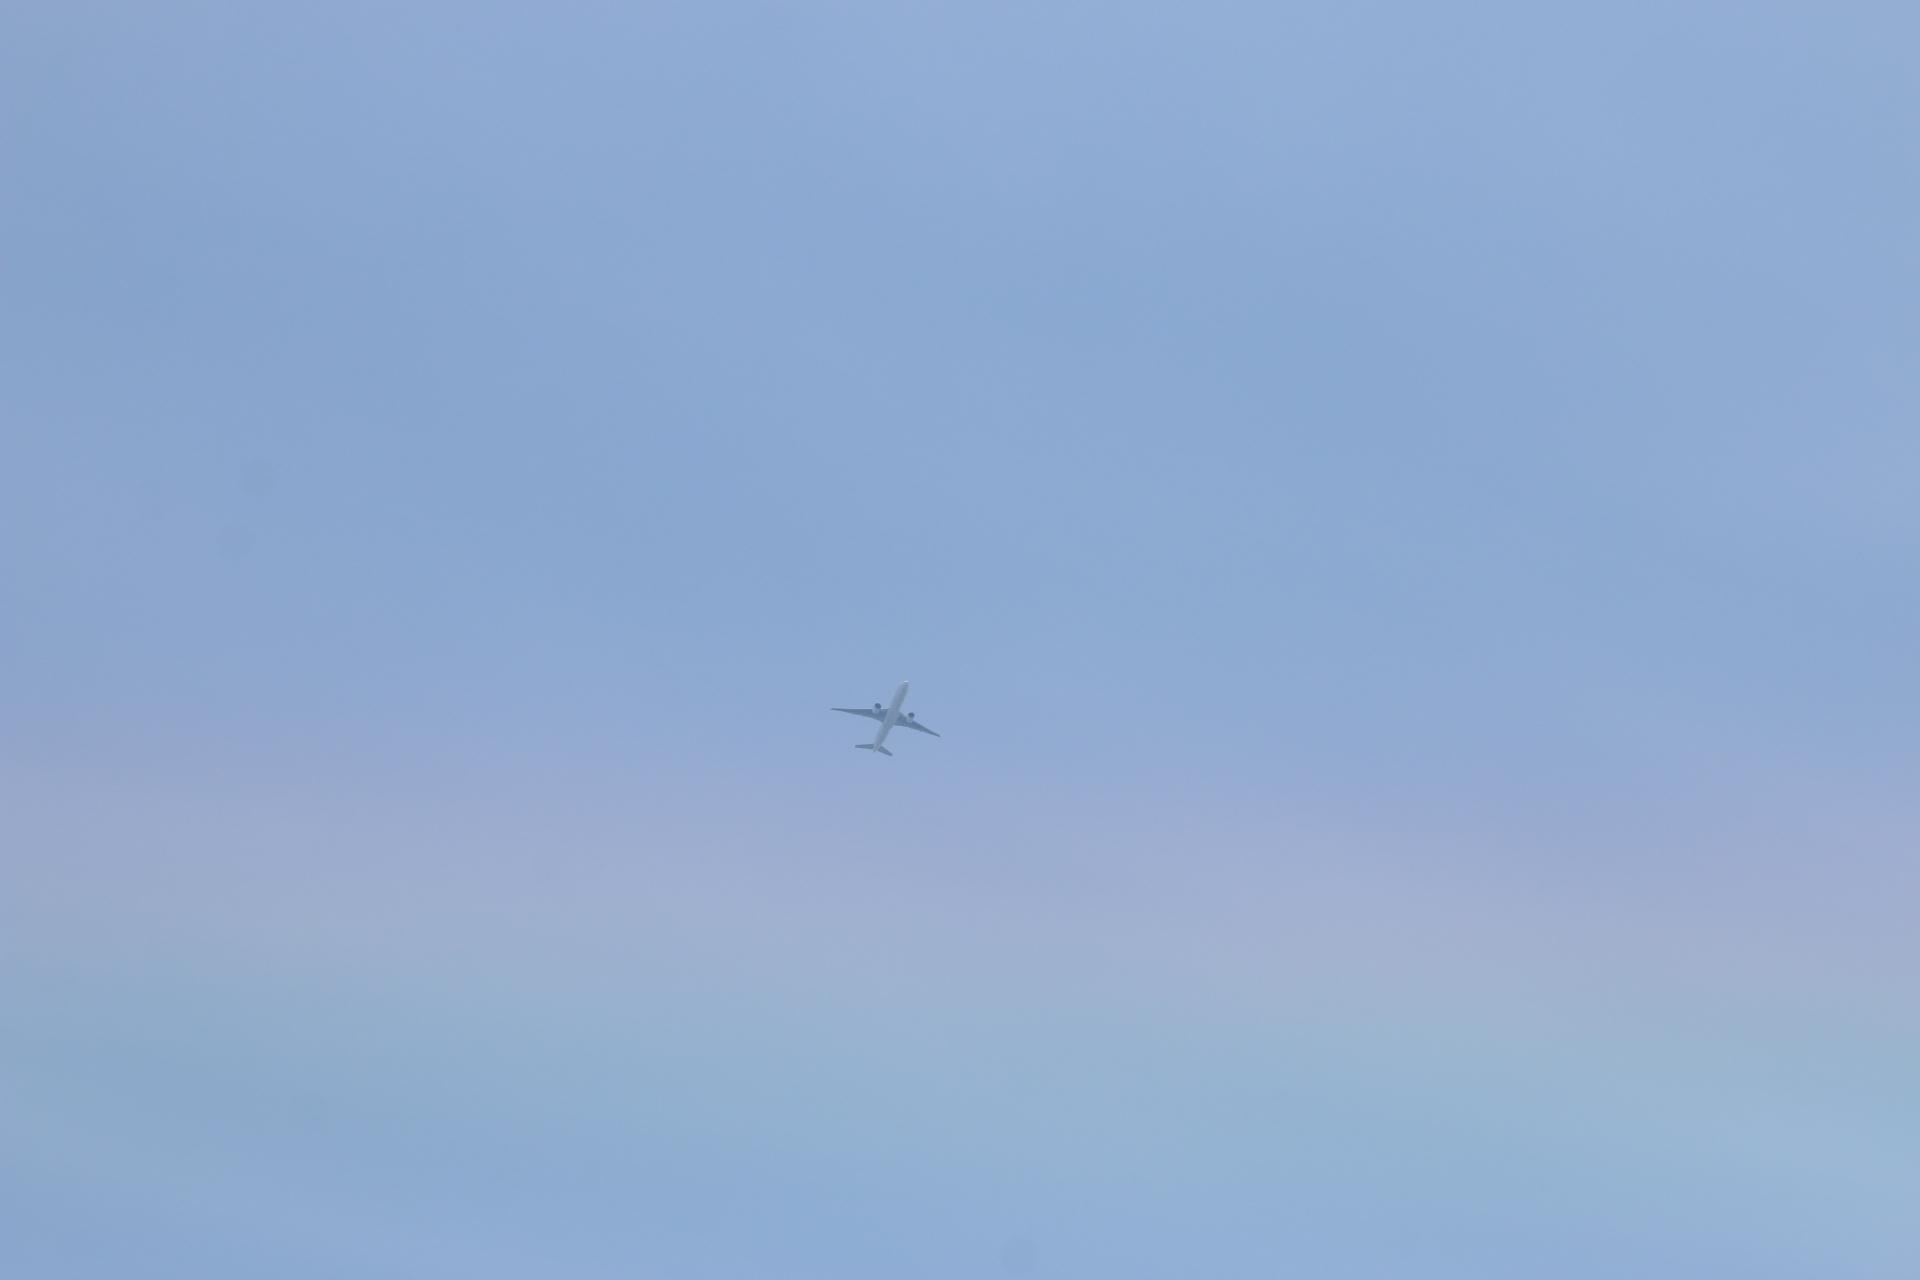 20190505雲と飛行機00000405